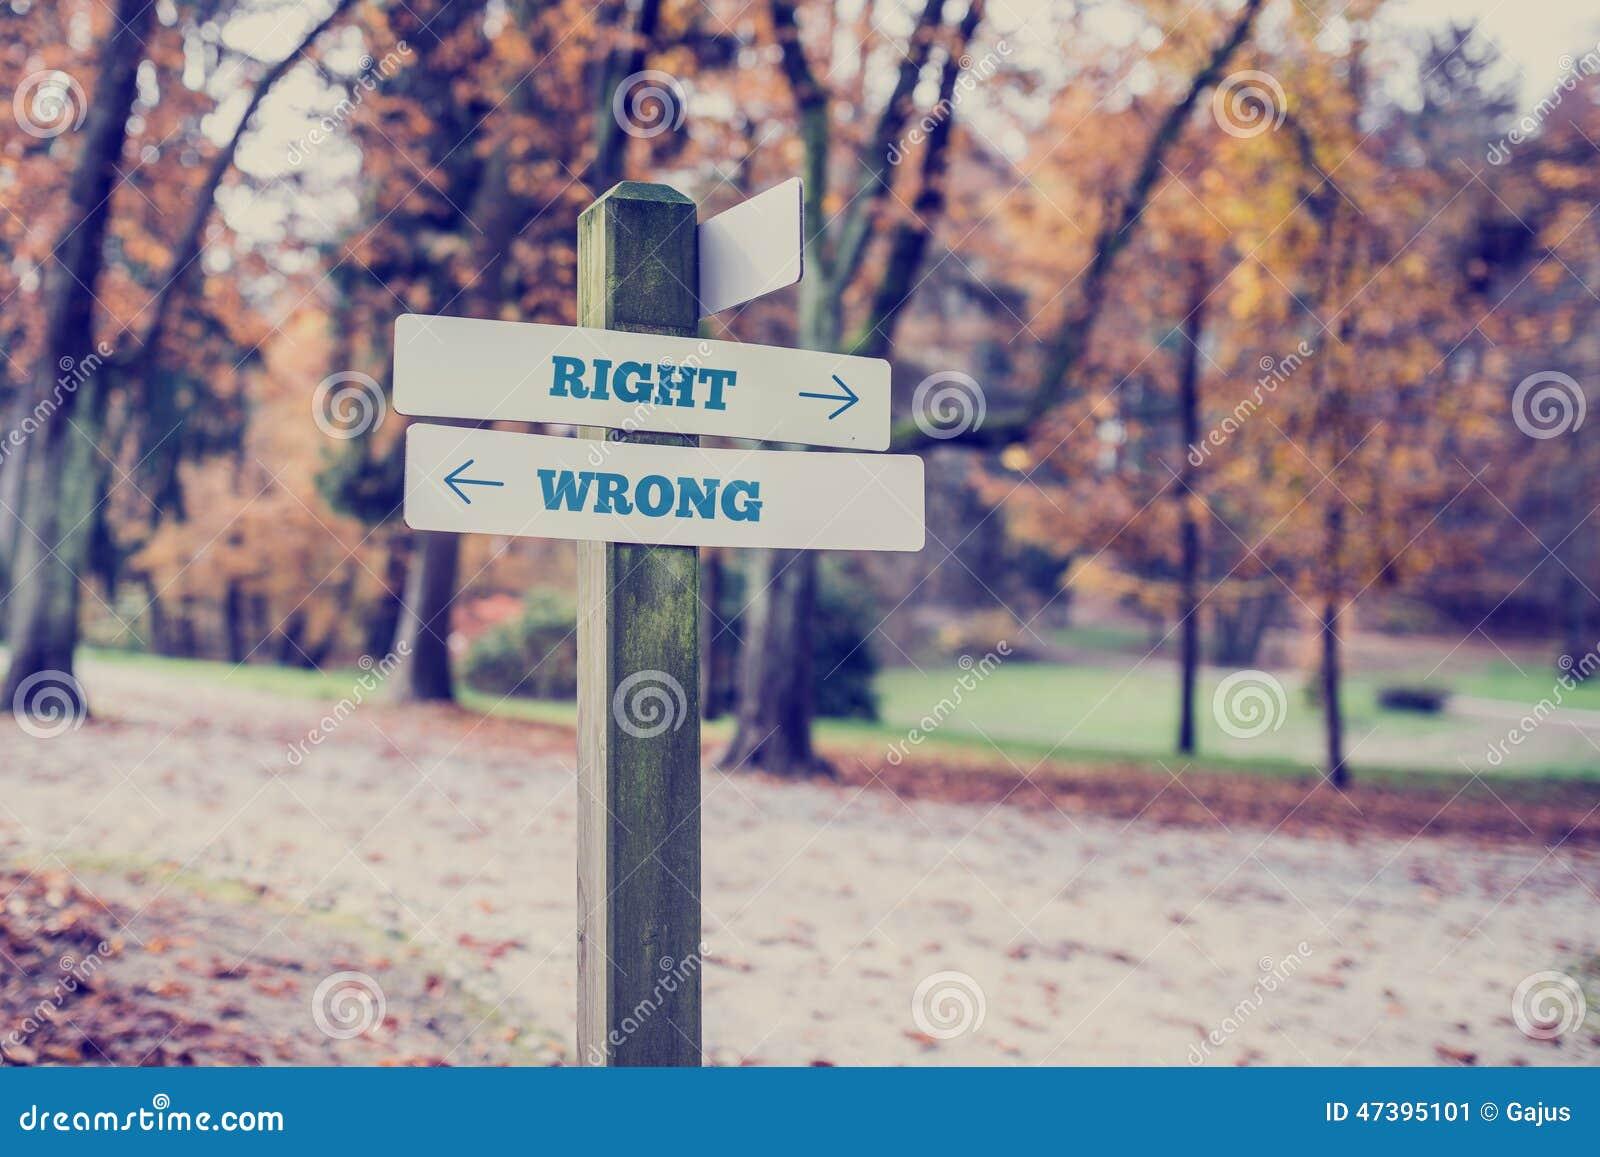 Αντίθετες κατευθύνσεις προς σωστός και λανθασμένος